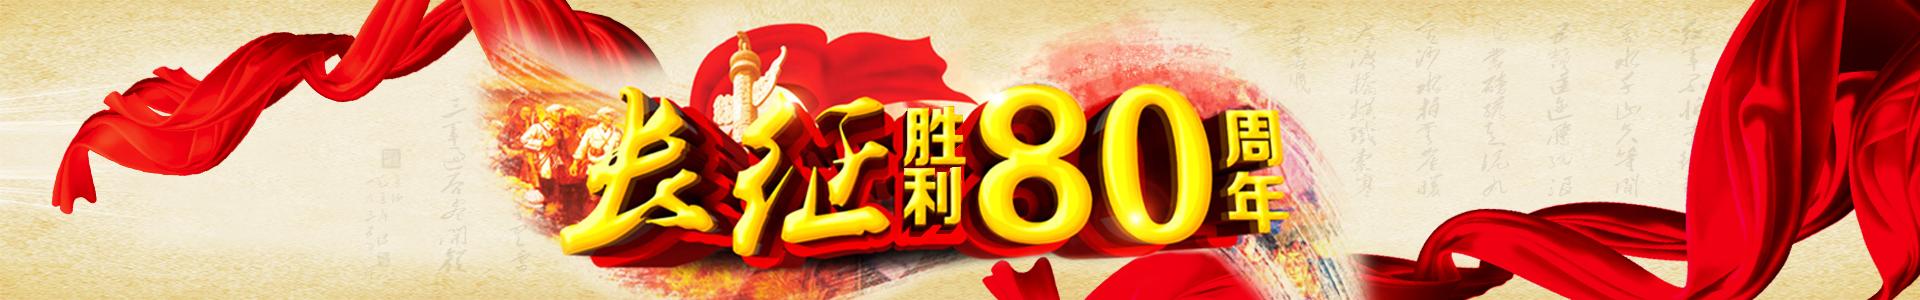 长征80周年